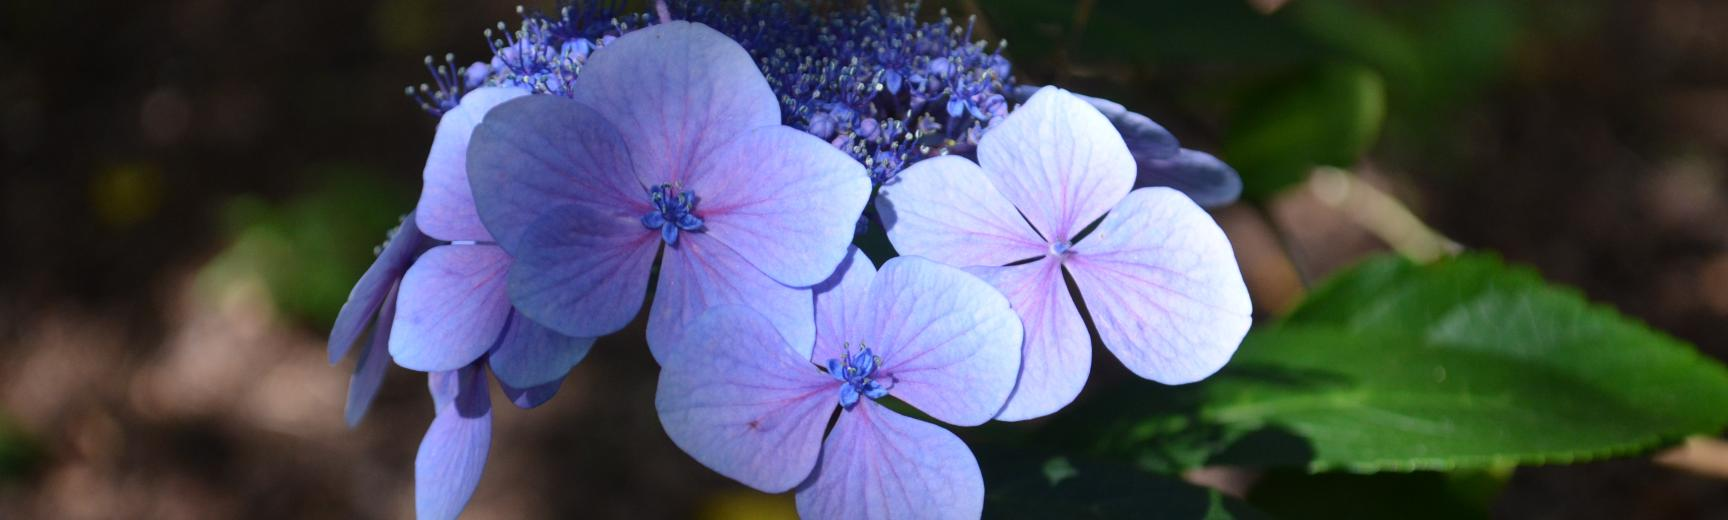 Flower at Arboretum